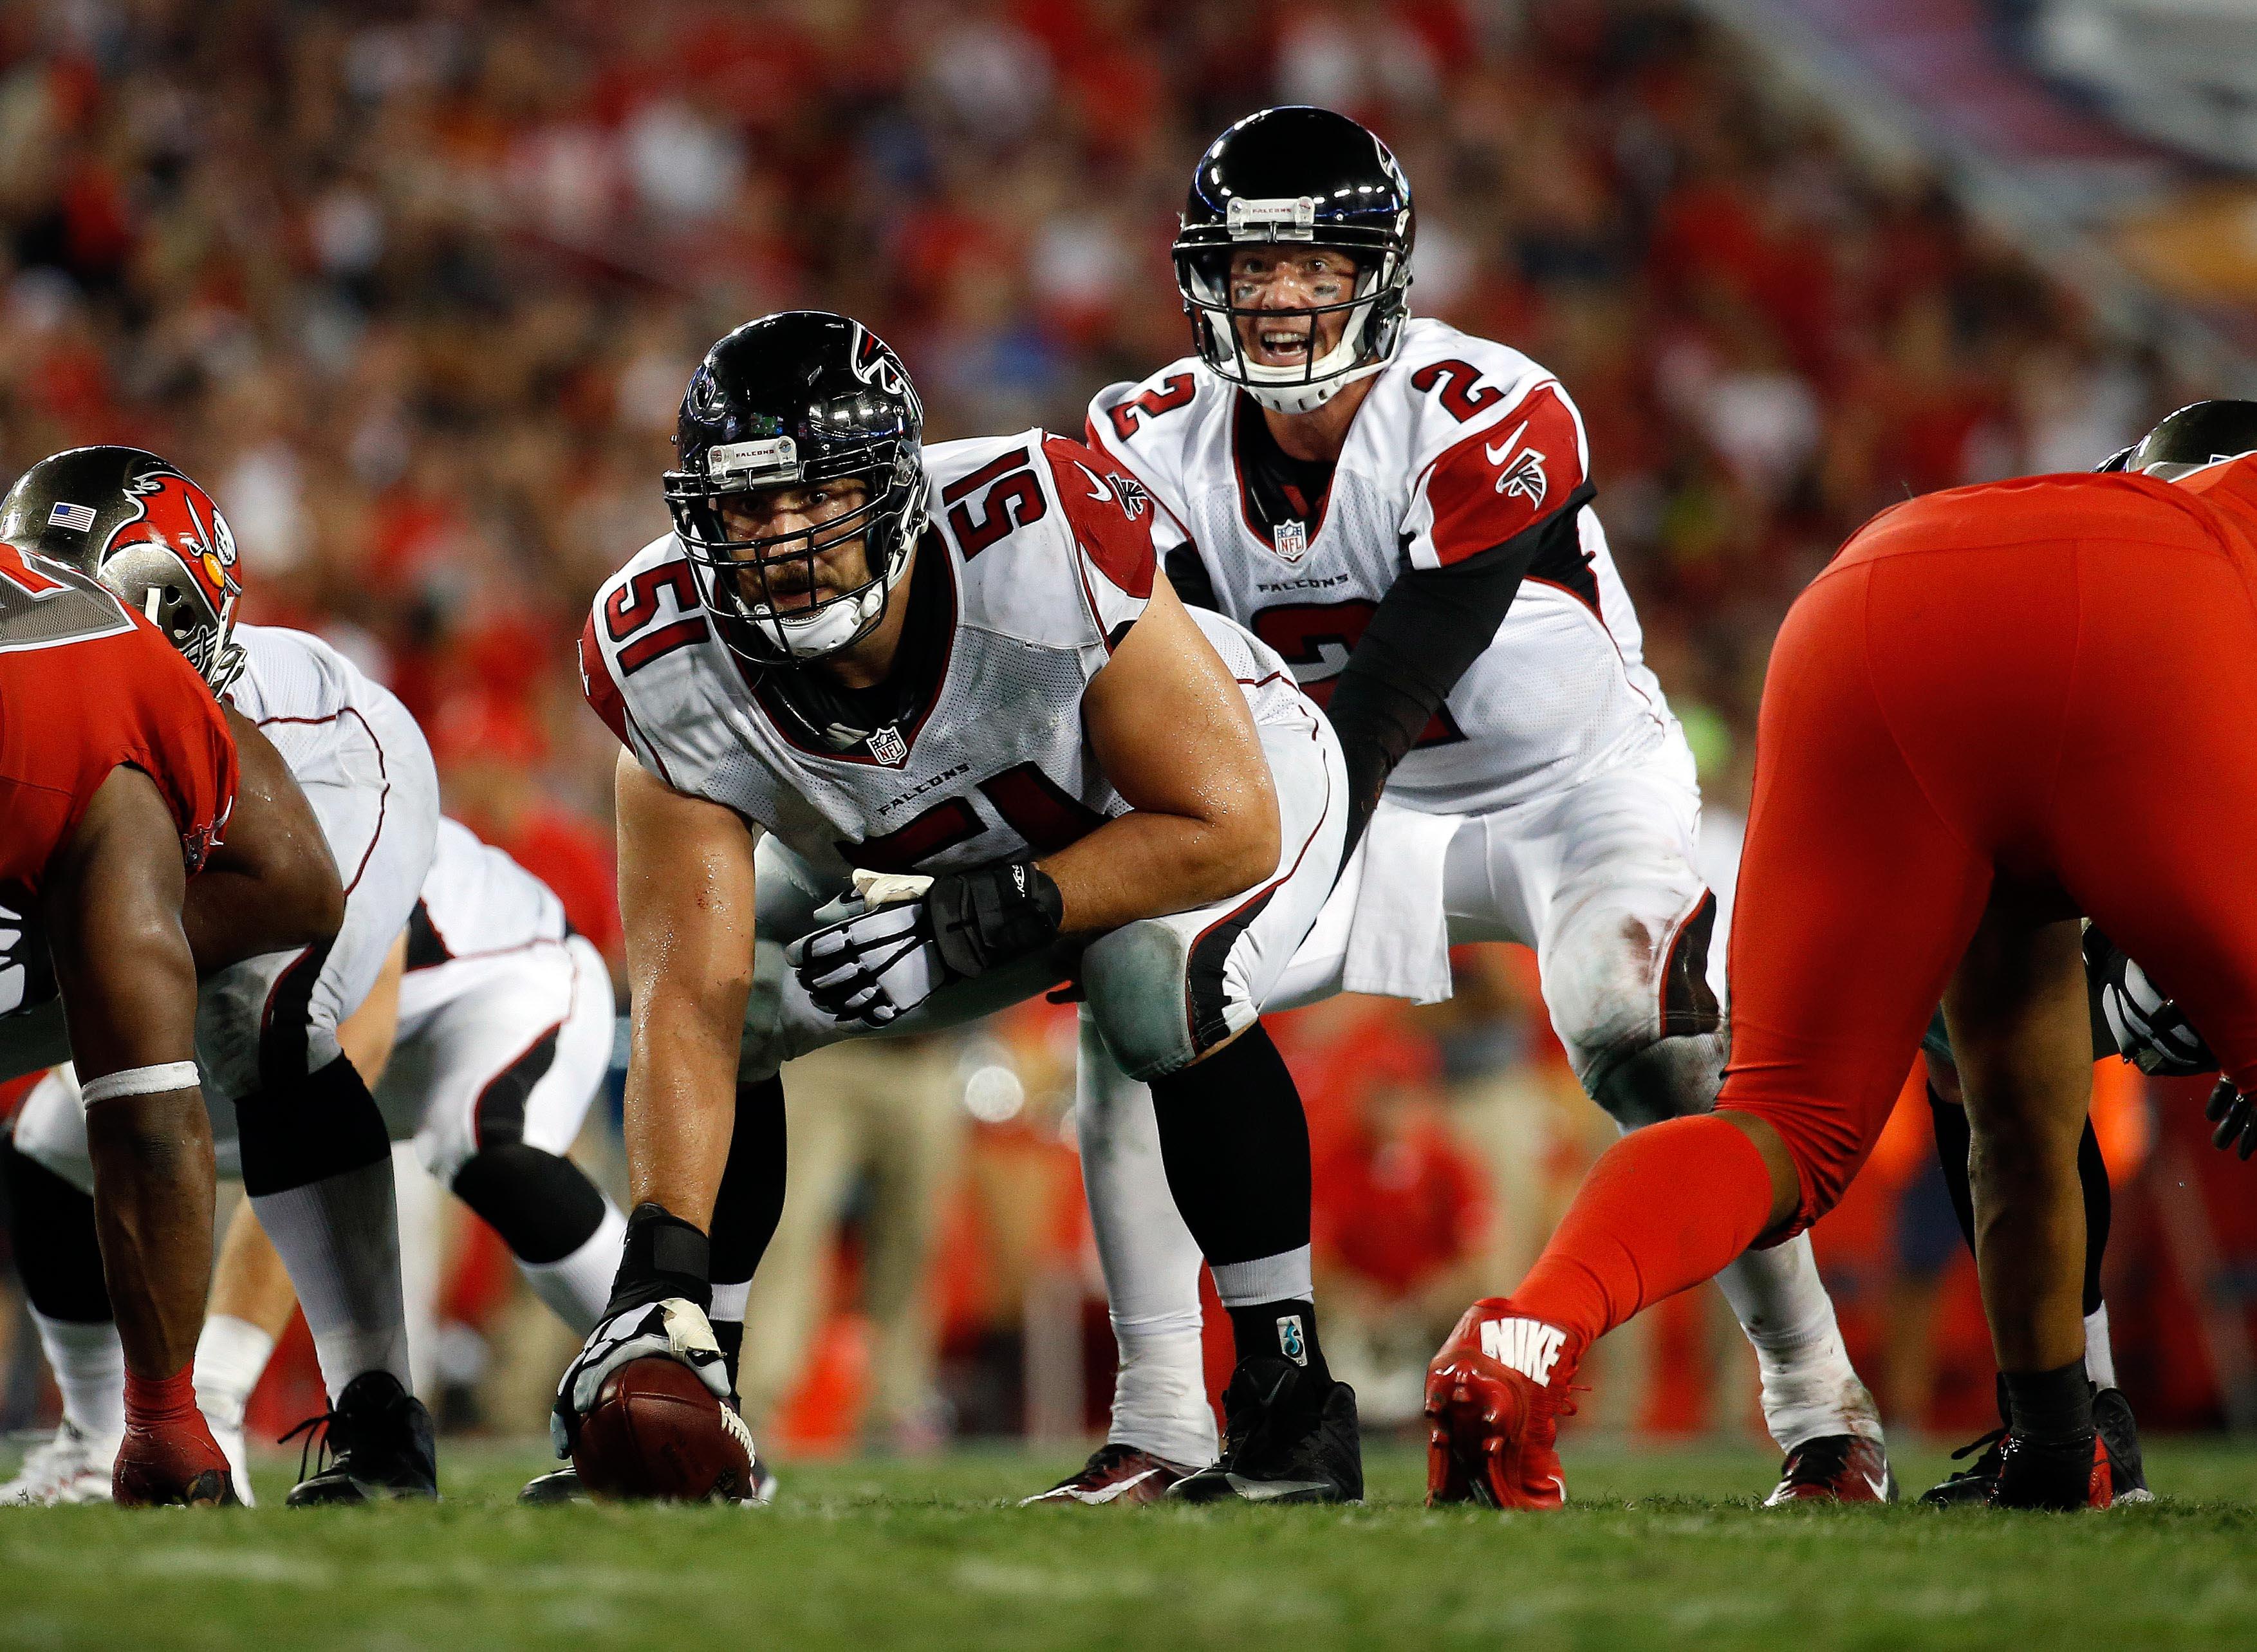 NFL: Atlanta Falcons at Tampa Bay Buccaneers